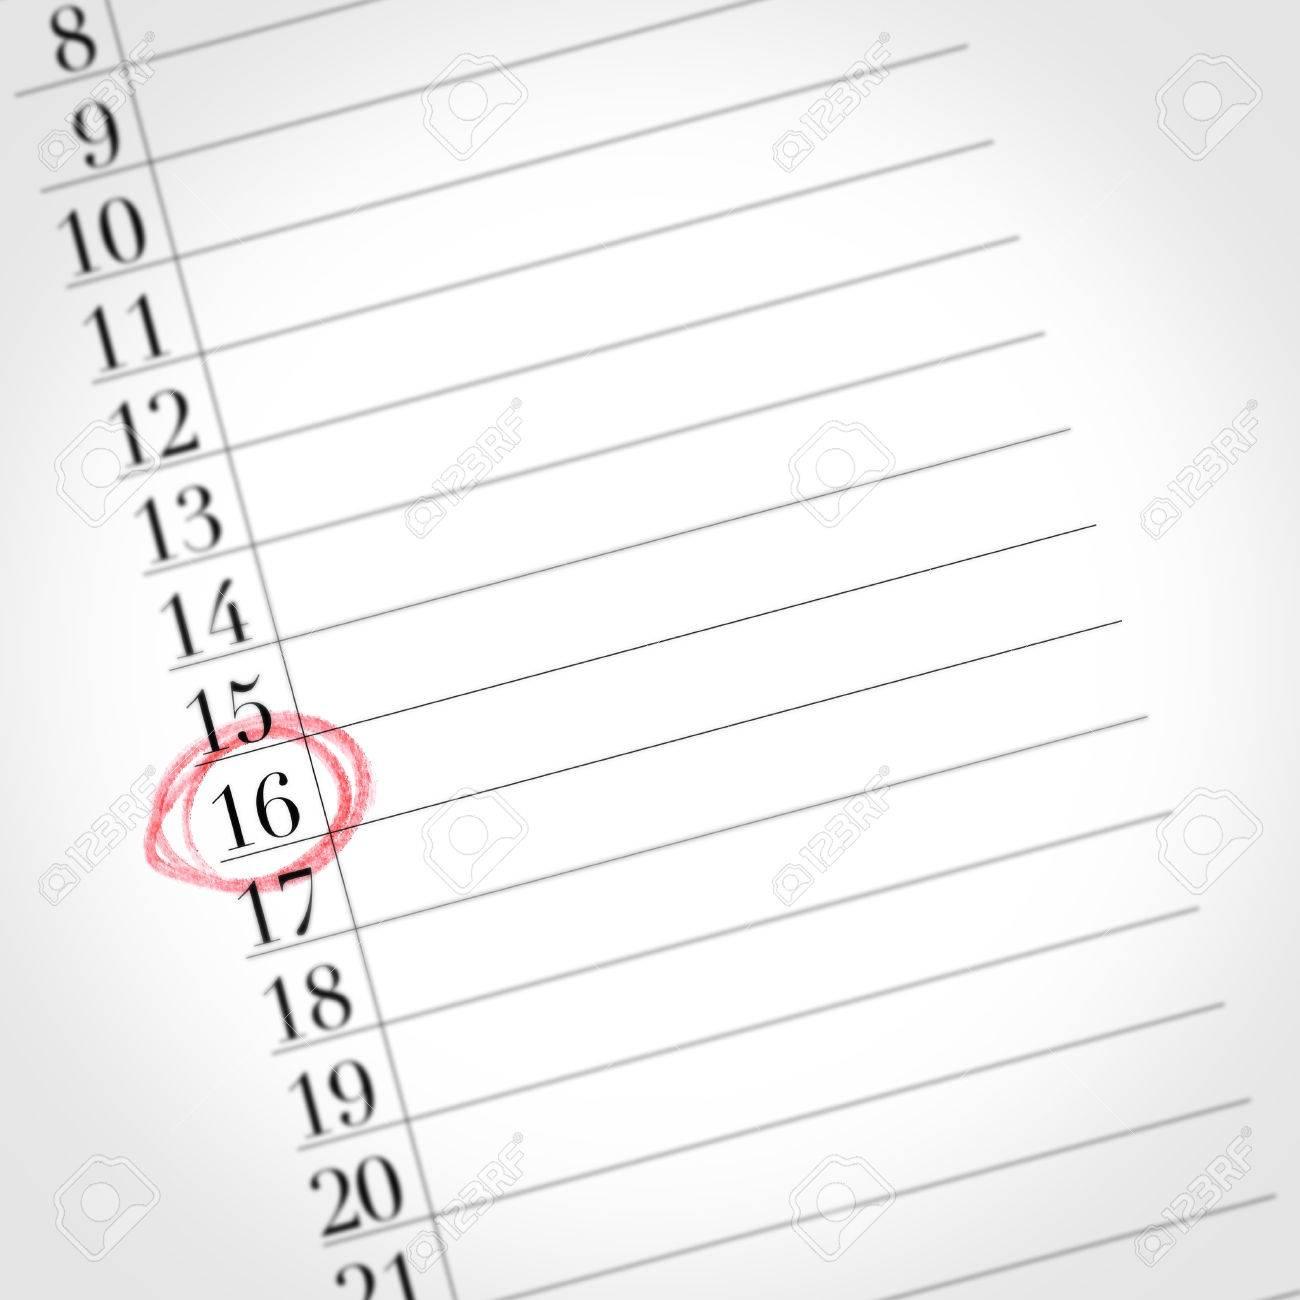 Calendario Particolare.Il Calendario Con Texture Vecchia Mostra Il 16 Giorno Del Mese Particolare Di Un Giorno Contrassegnato Con Un Cerchio Rosso